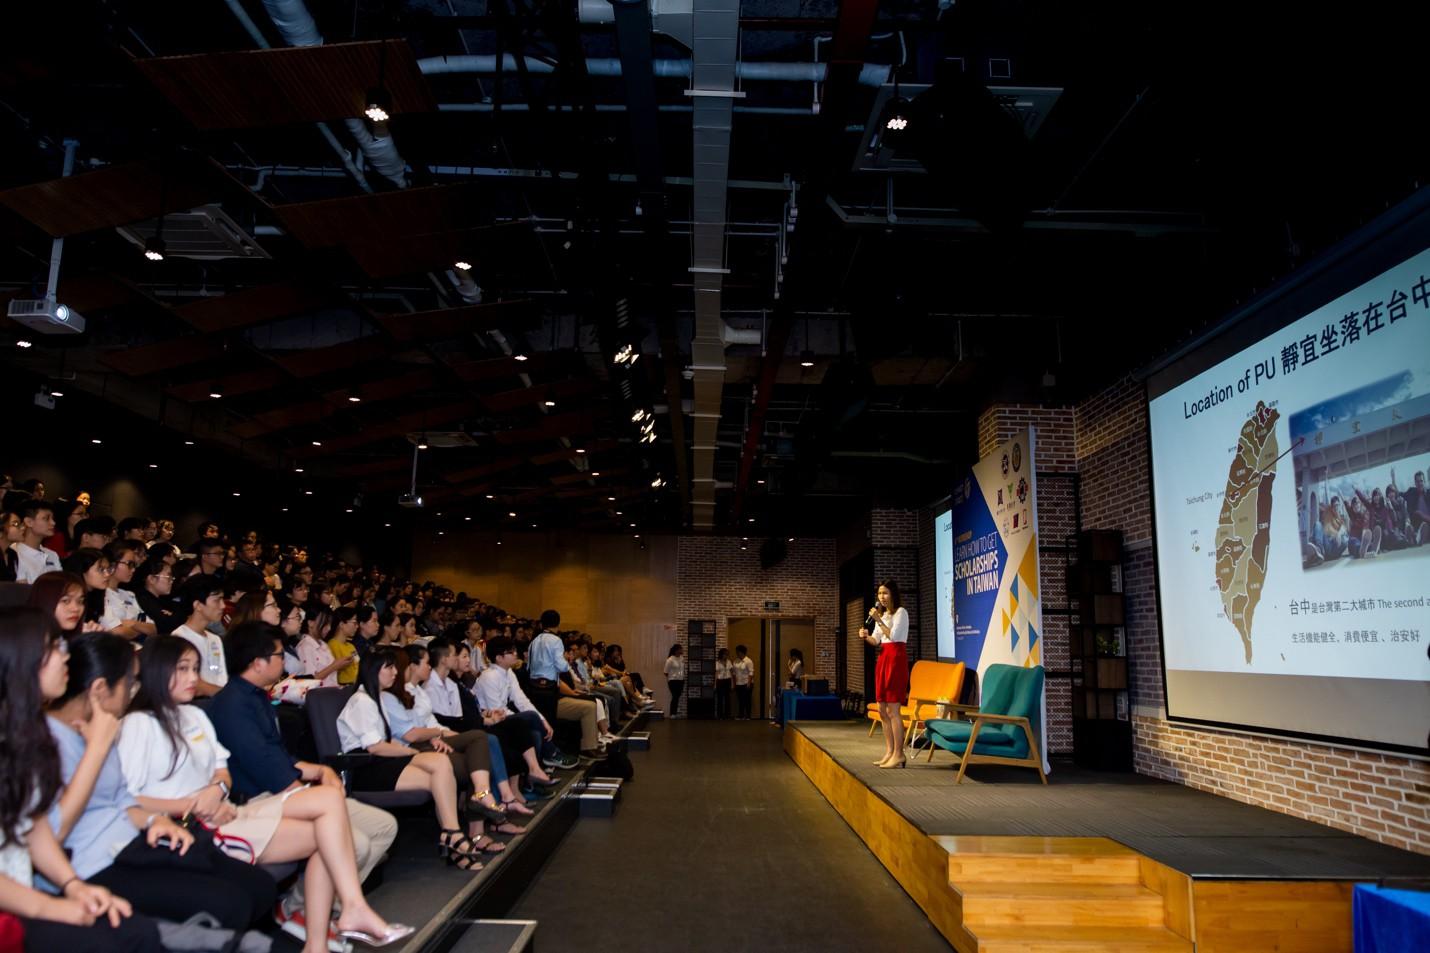 Học bổng du học Đài Loan: Dễ hay khó? - Ảnh 5.